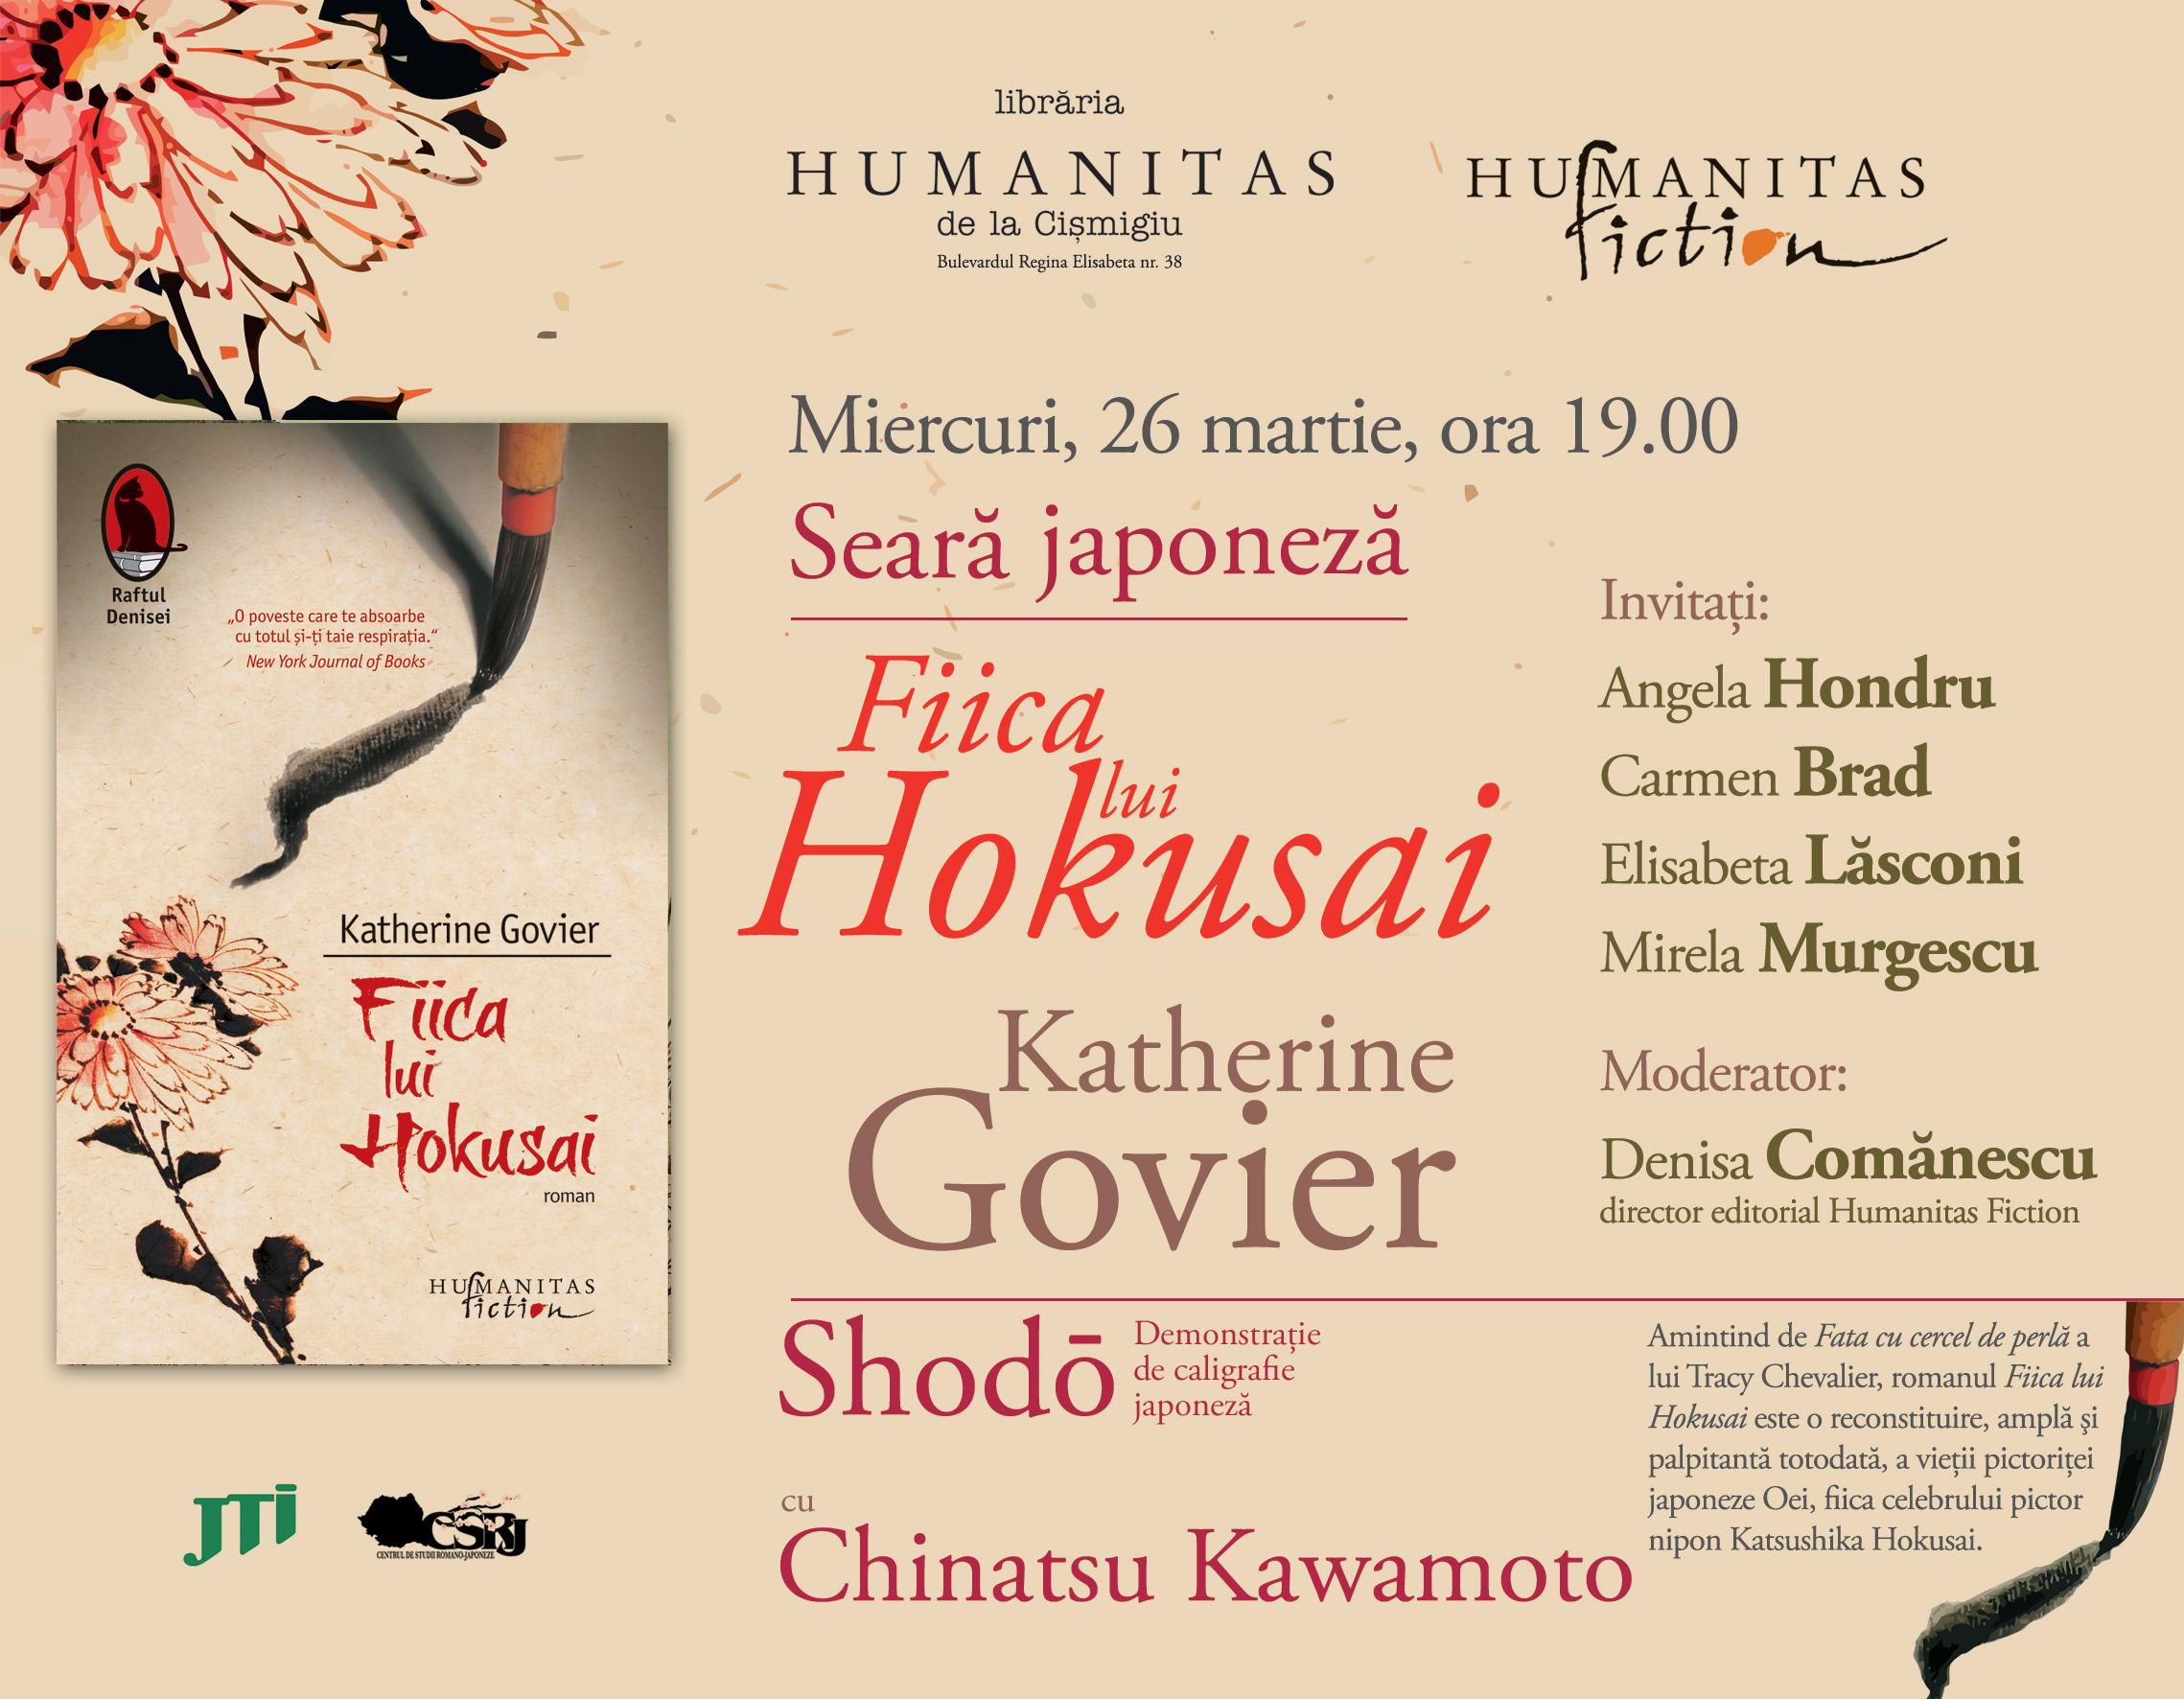 Librăria Humanitas de la Cișmigiu organizează o nouă seară japoneză